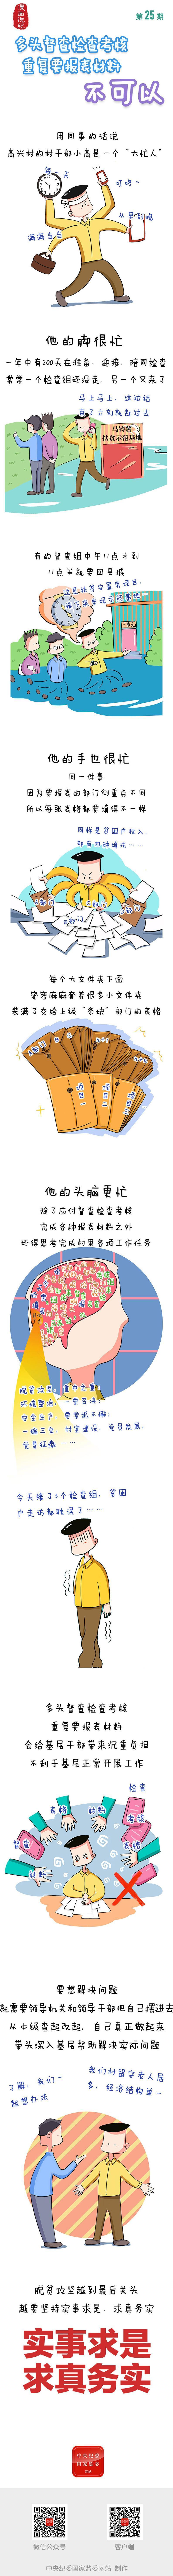 【摩鑫主管】纪摩鑫主管丨多头督查检查考核重复图片